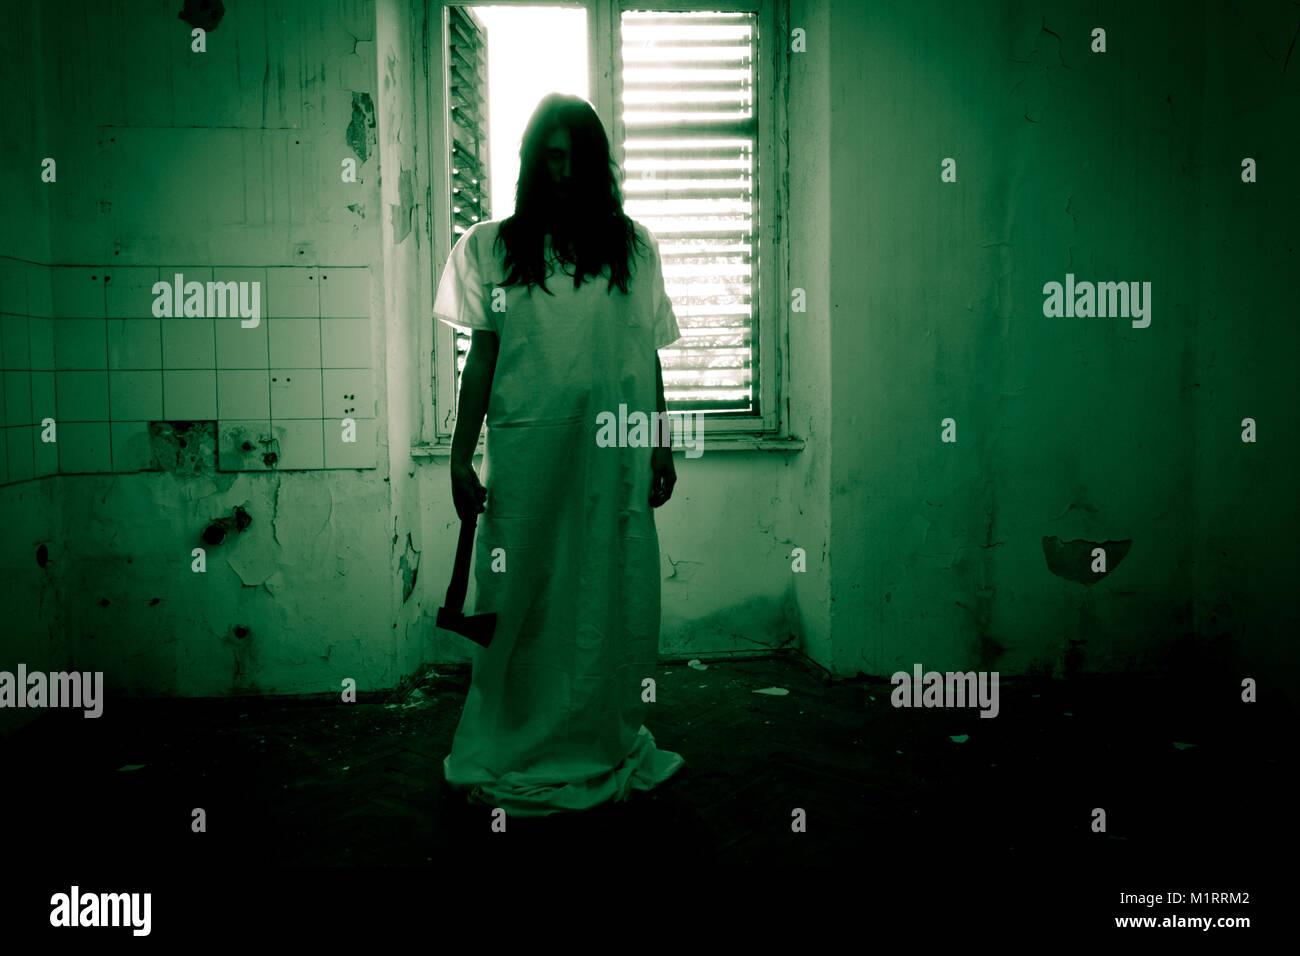 Scène d'horreur d'une femme effrayante Photo Stock